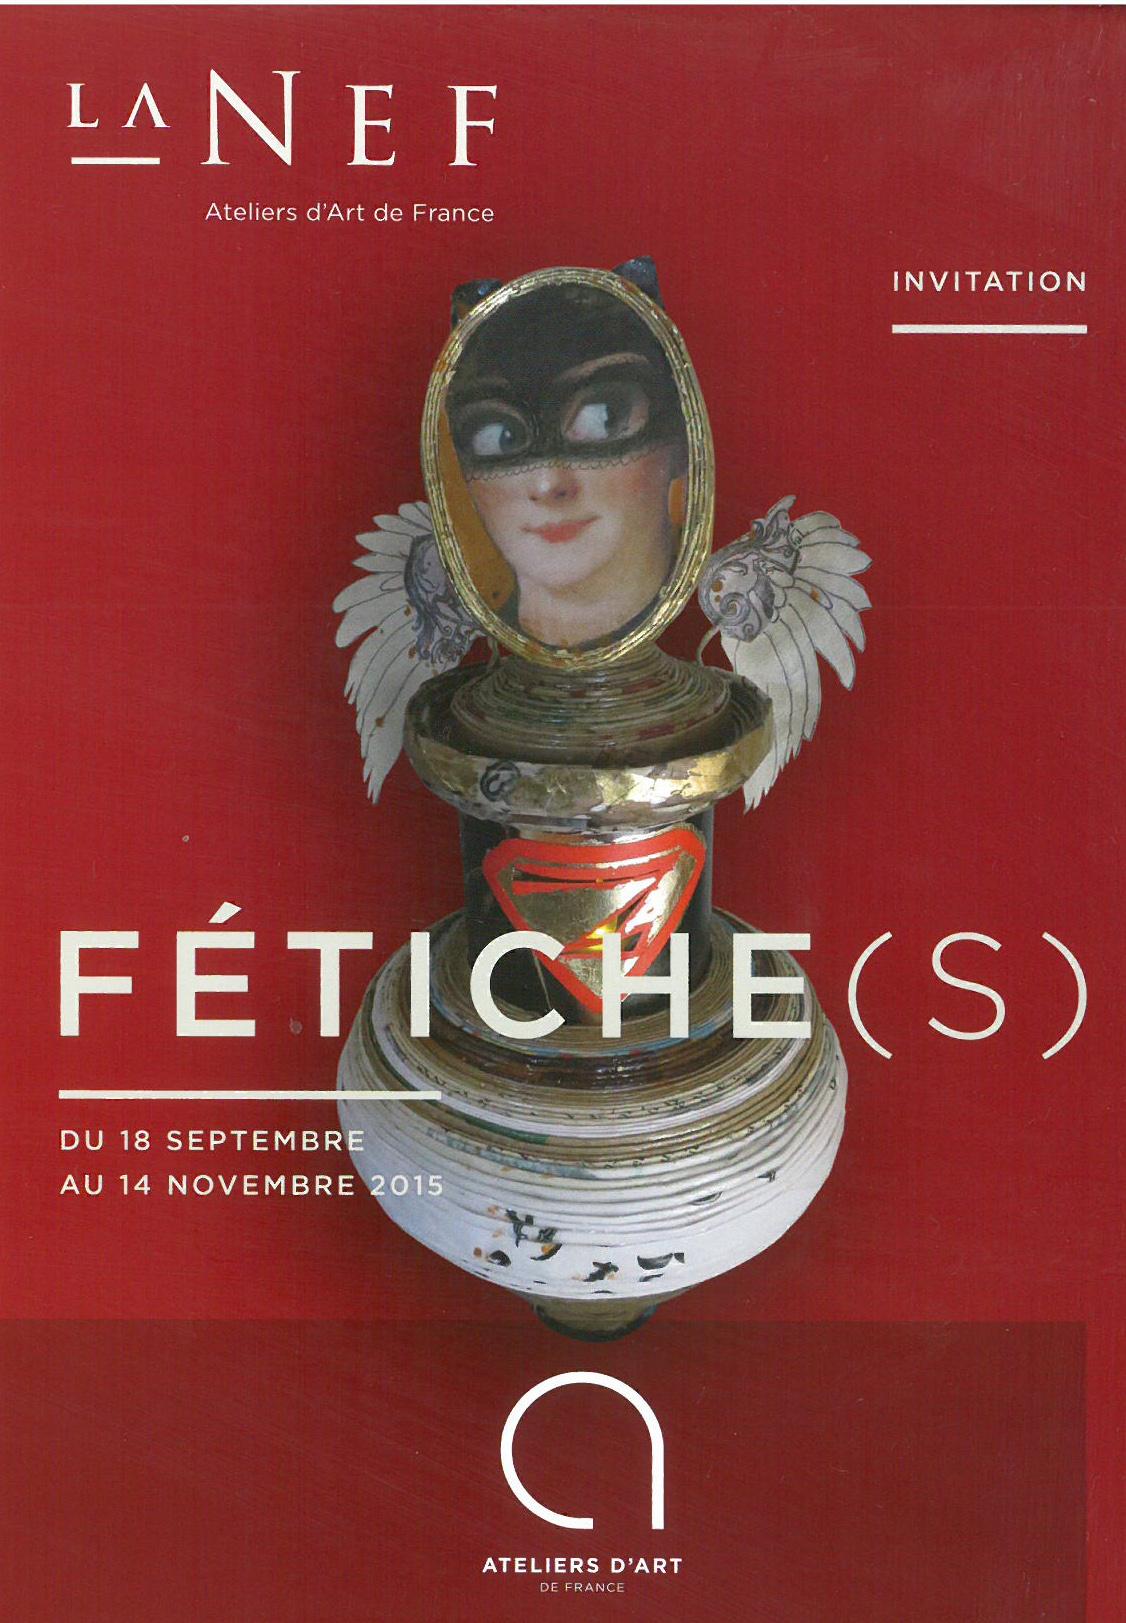 Nouvelle expo La Nef à Montpellier – Fétiche(s) – Sept/Nov 2015